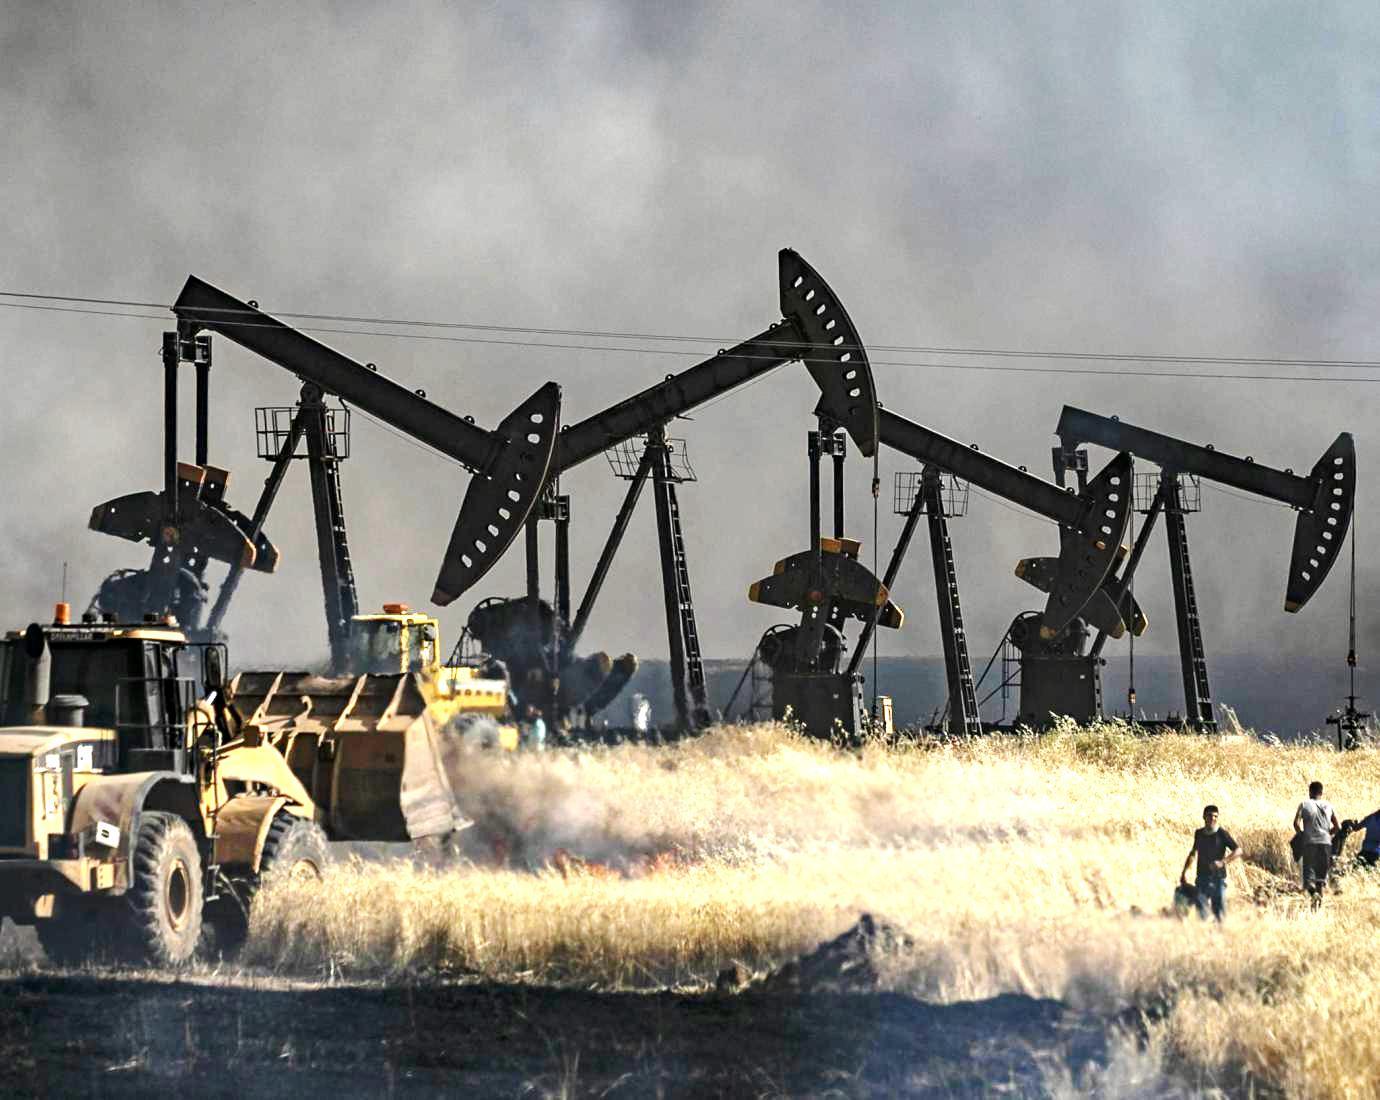 Άκρως εμπιστευτικό: τα έσοδα από τη πώληση στη μαύρη αγορά του συριακού πετρελαίου καταλήγουν σε ιδιωτικούς τραπεζικούς λογαριασμούς